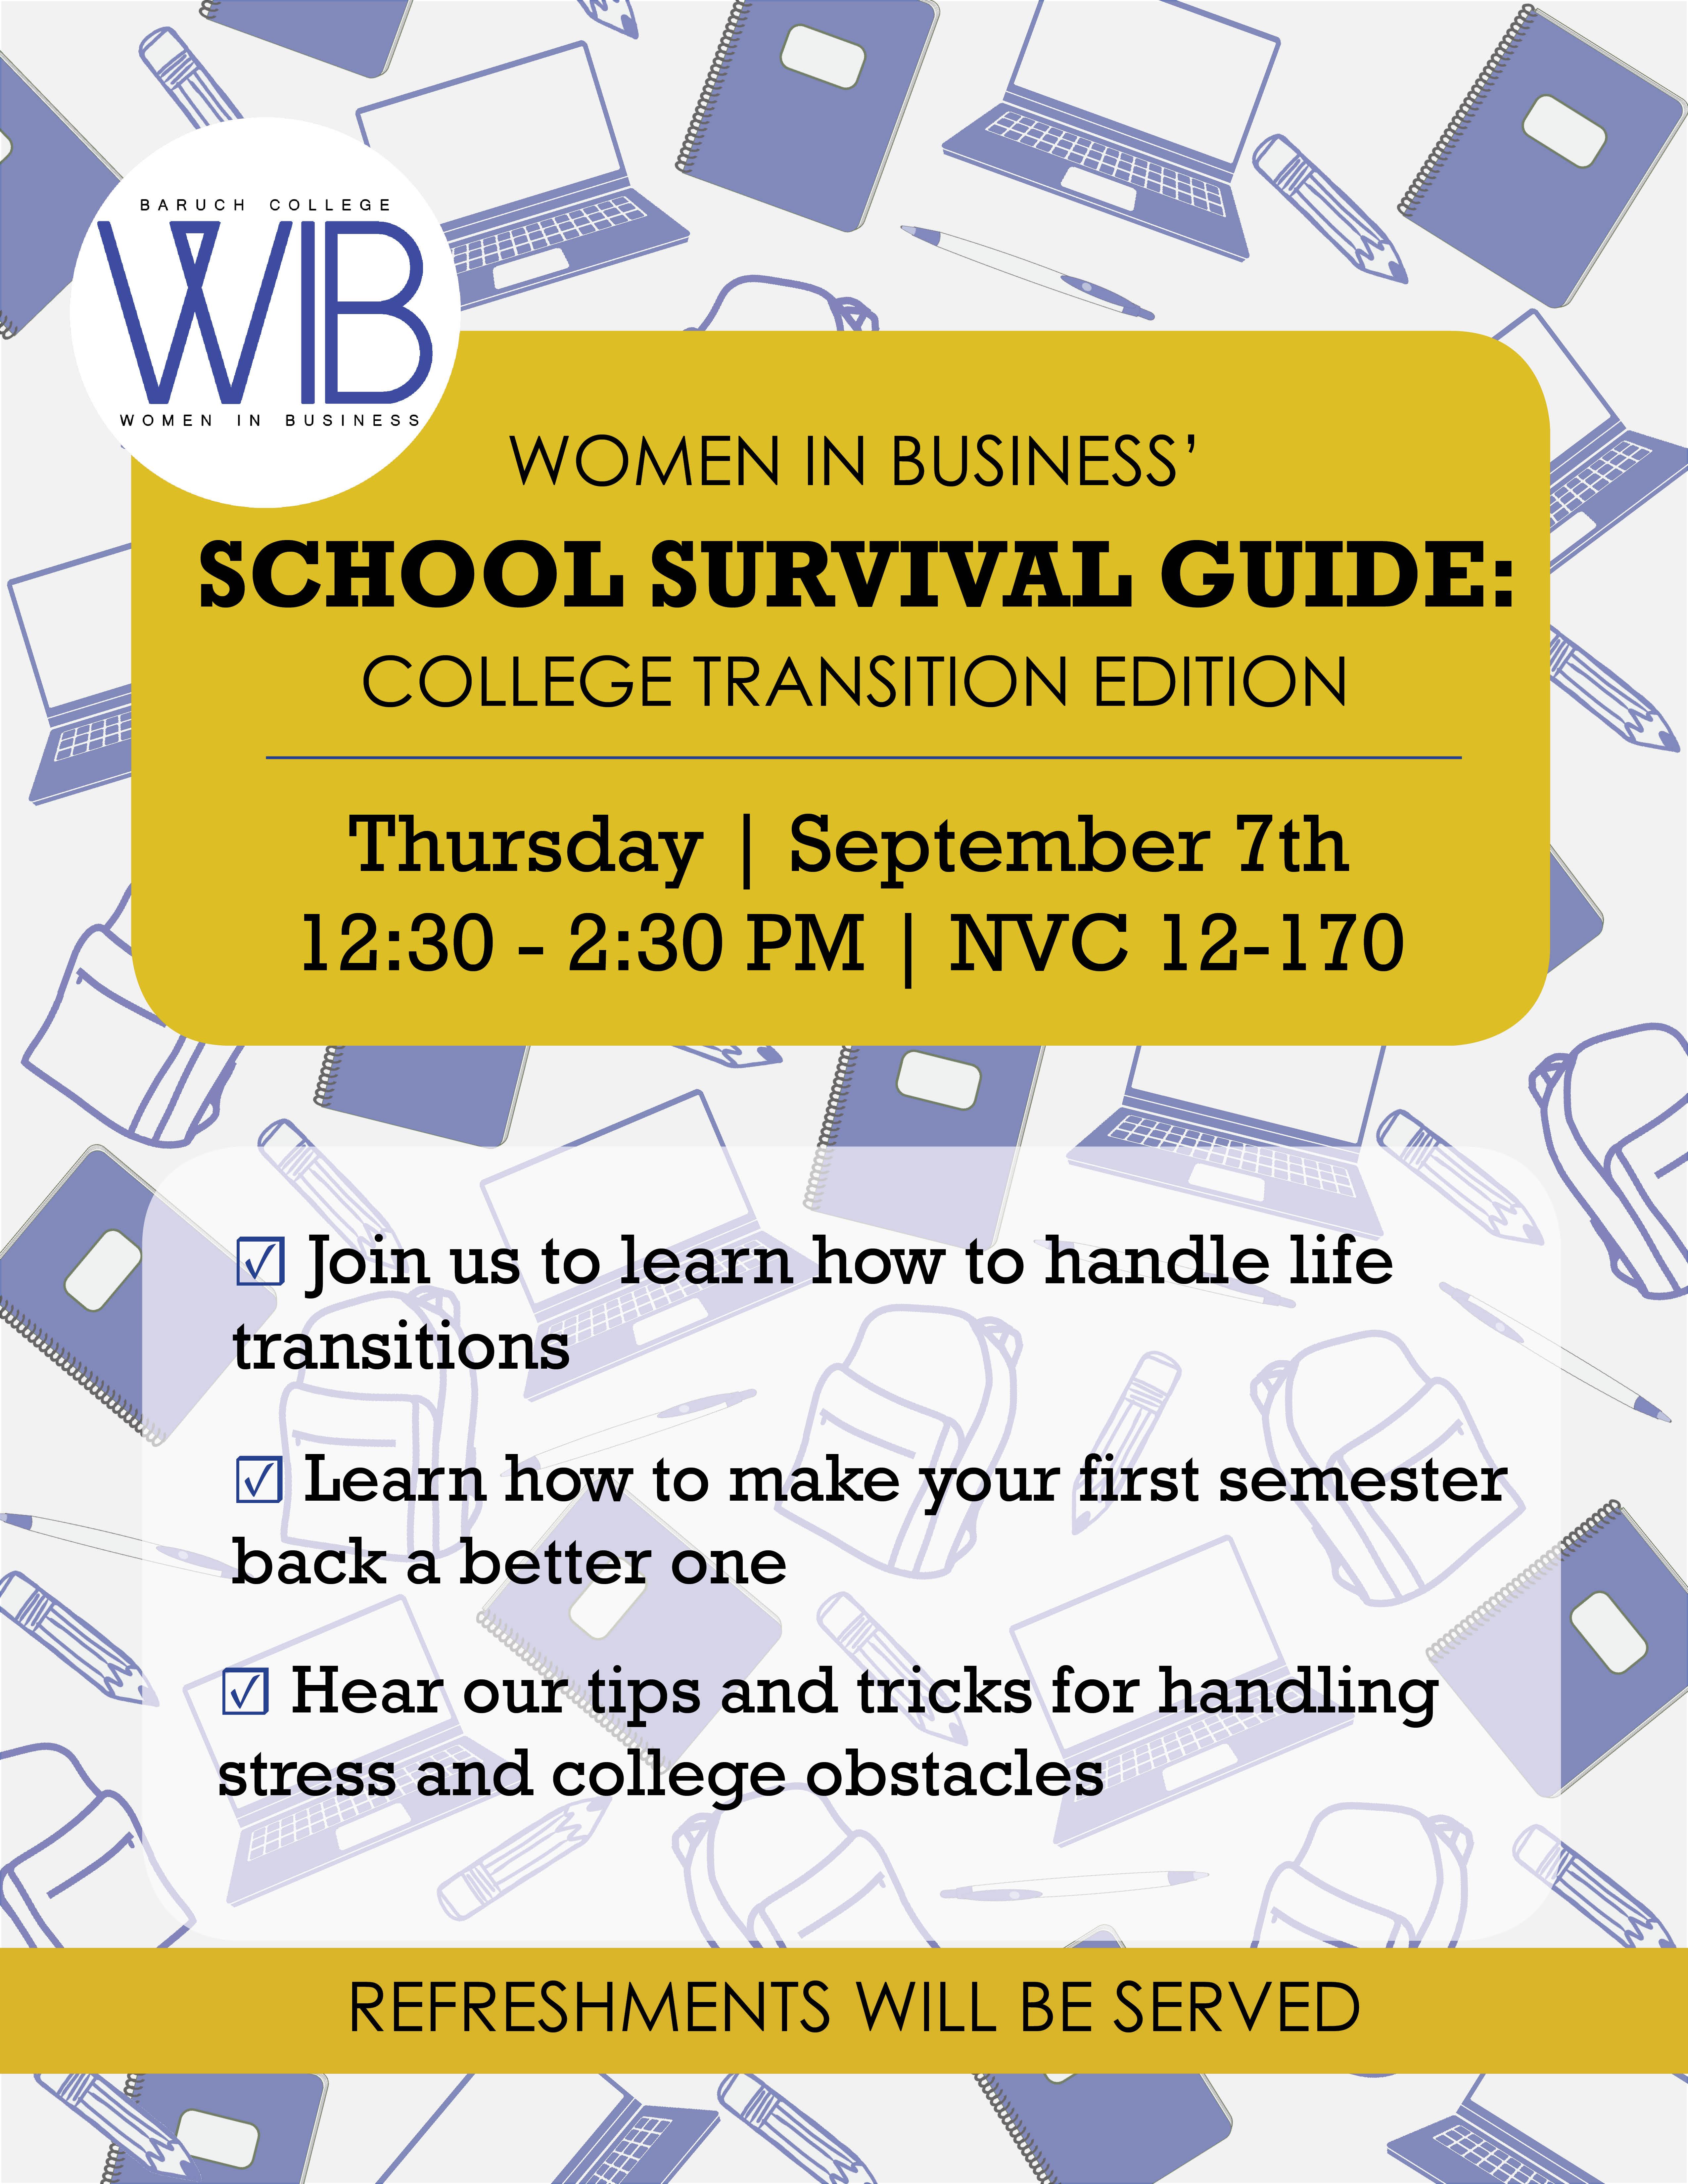 School survival guide